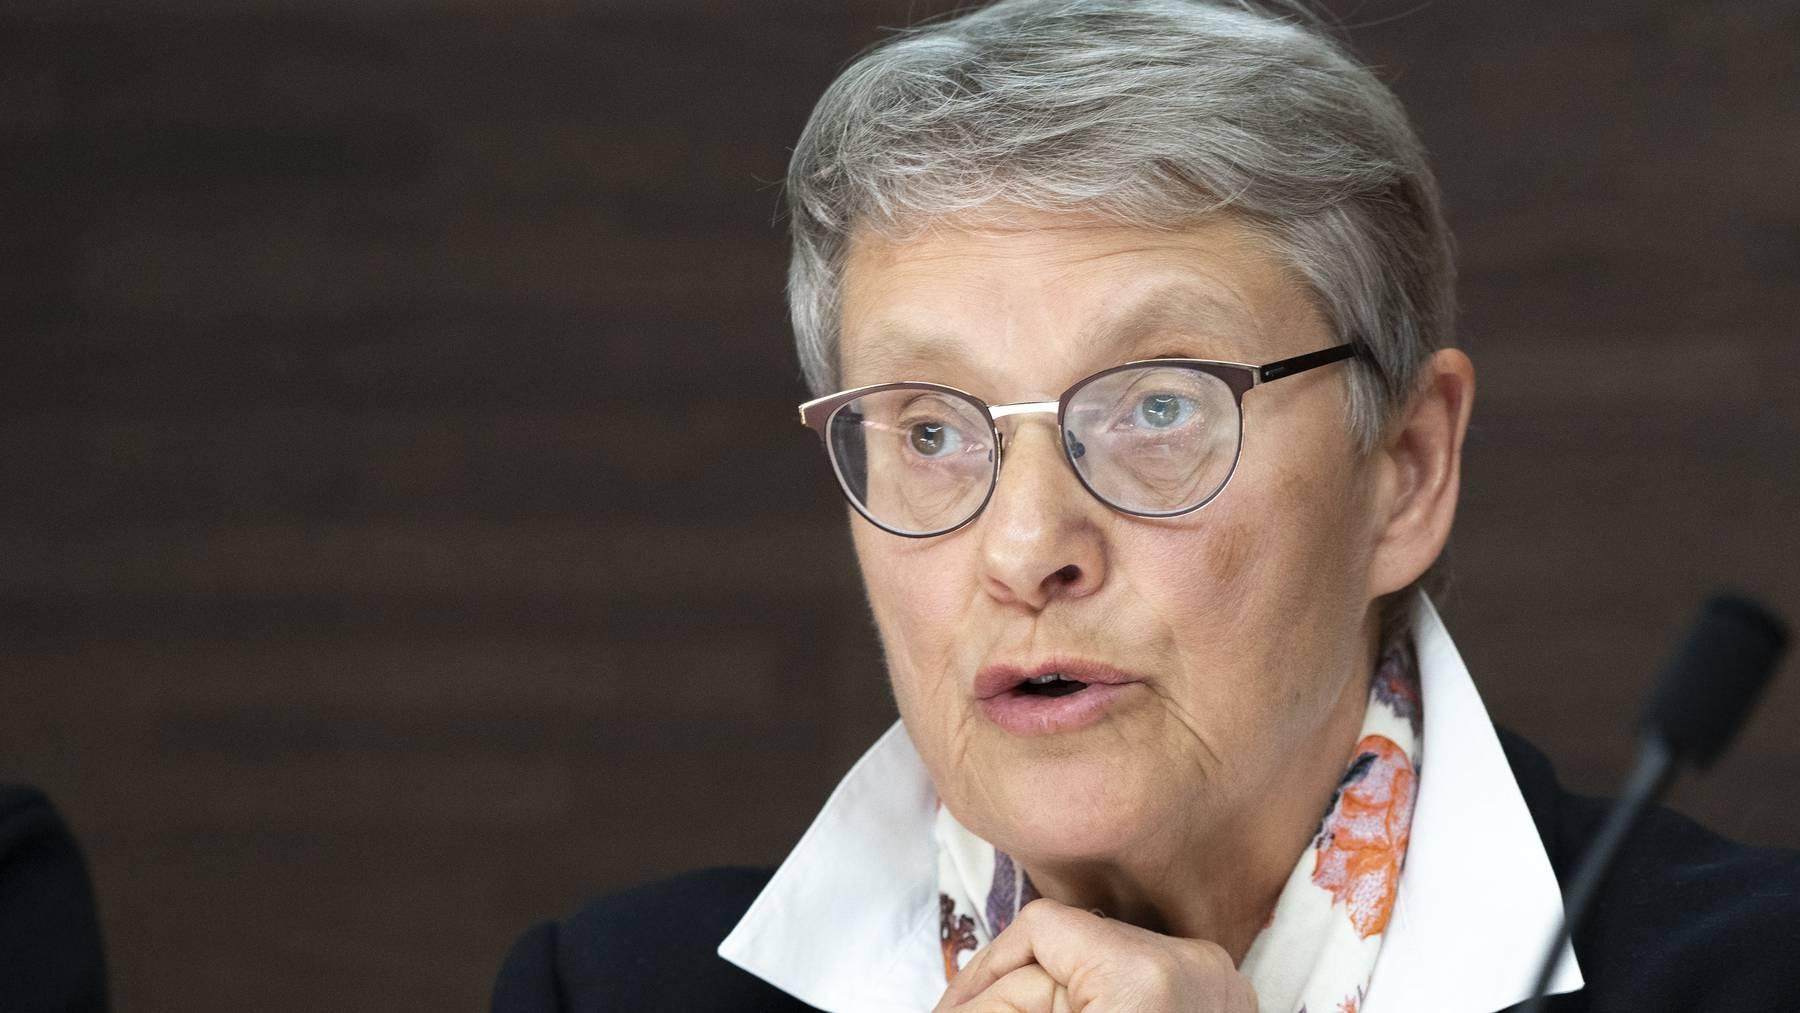 Die Waadtländer Staatsrätin Béatrice Métraux spricht an einer Pressekonferenz.